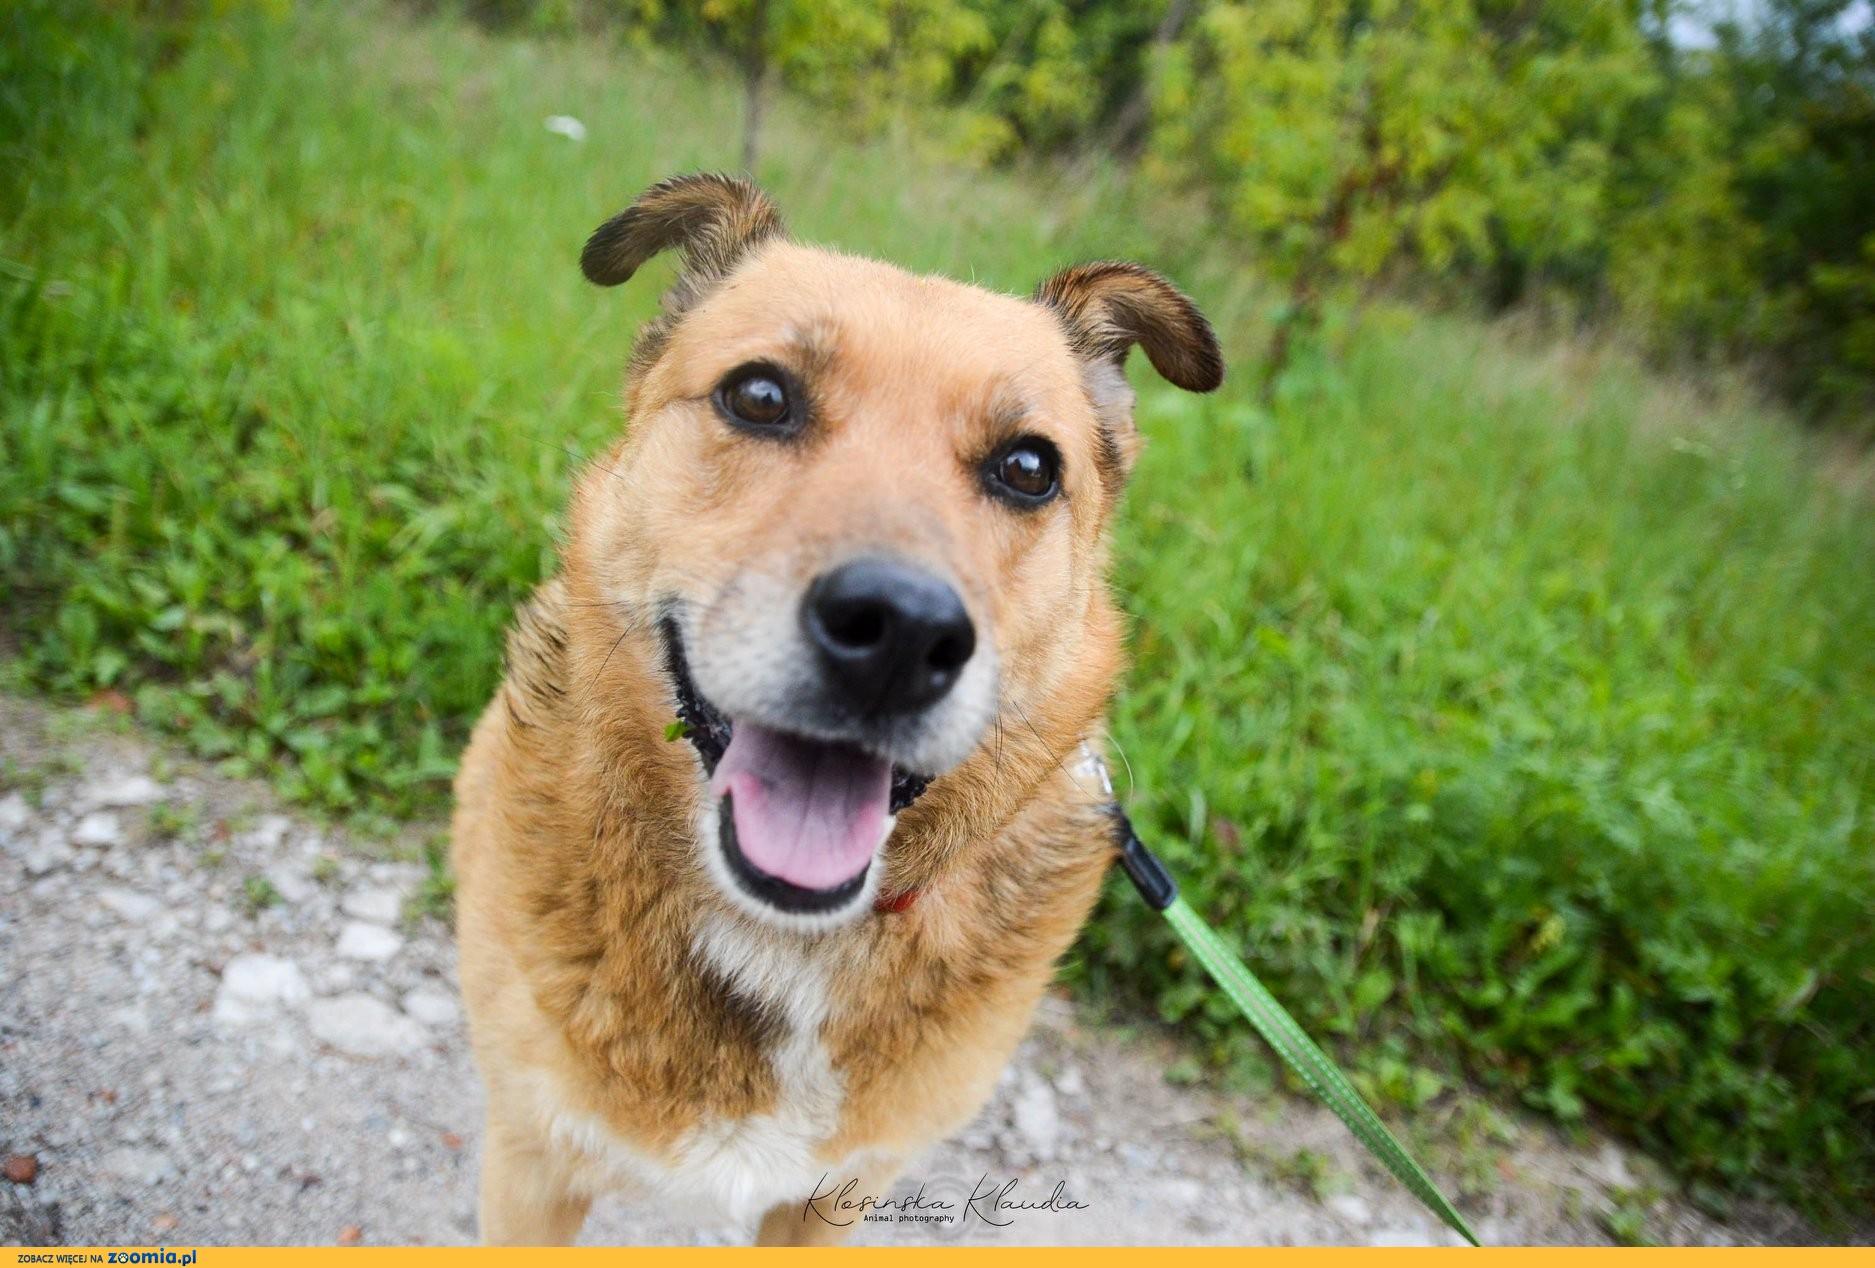 Spokojna Astra, cudowna ruda piękność szuka kochającego domu!